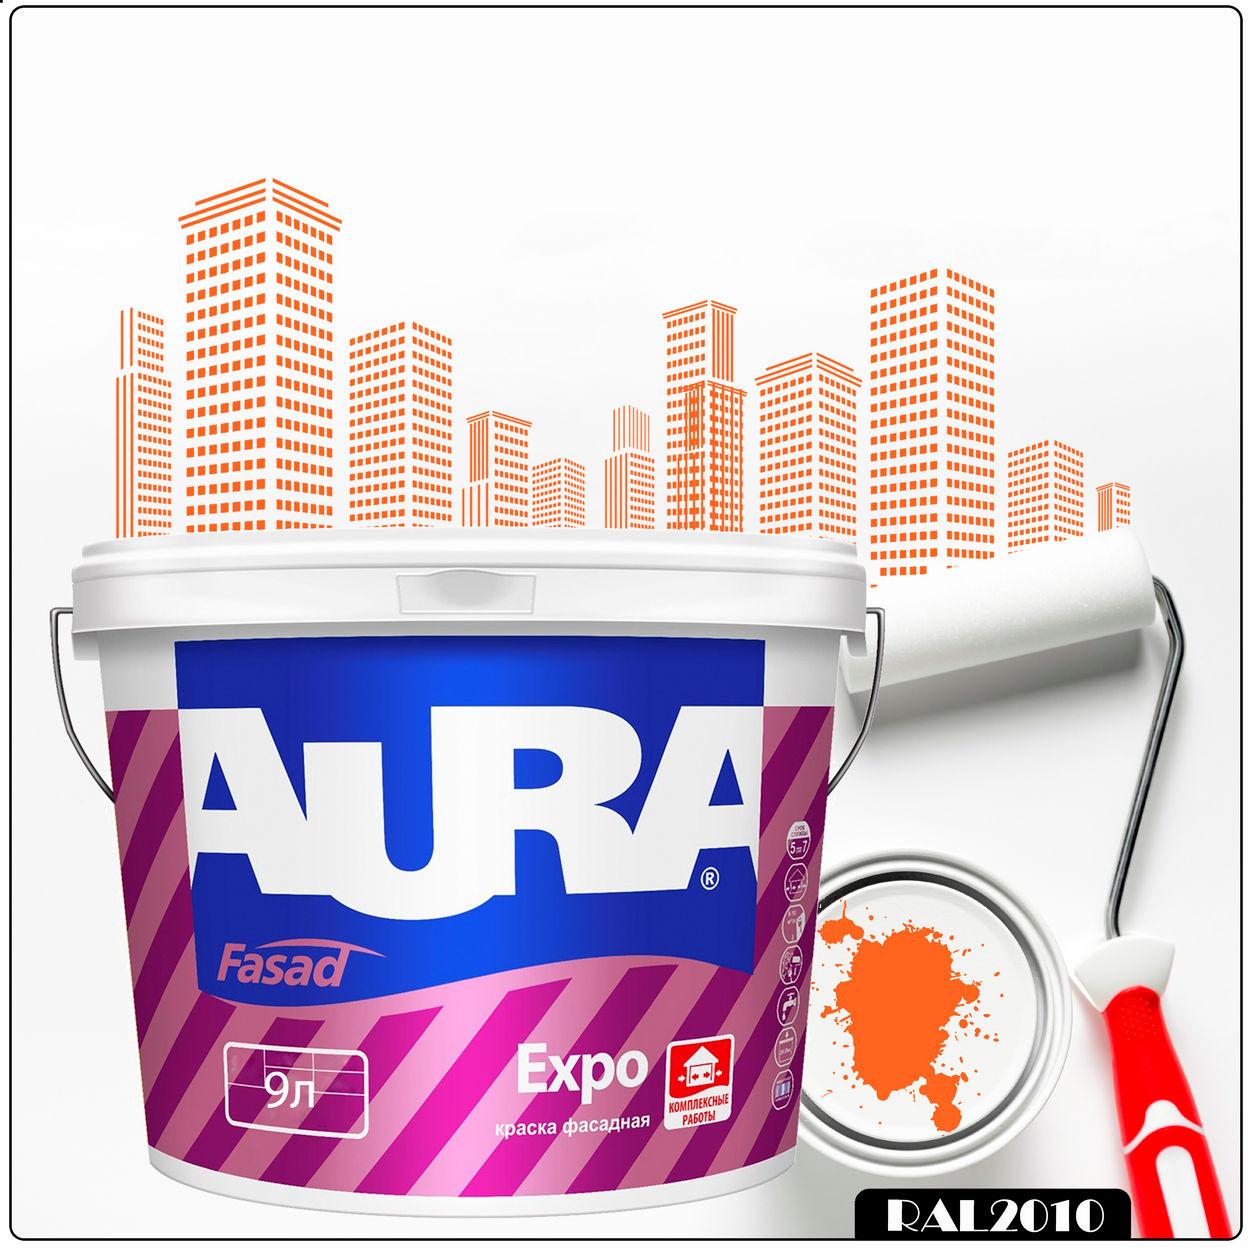 Фото 1 - Краска Aura Fasad Expo, RAL 2010 Сигнальный-оранжевый, матовая, для фасадов и помещений с повышенной влажностью, 9л.